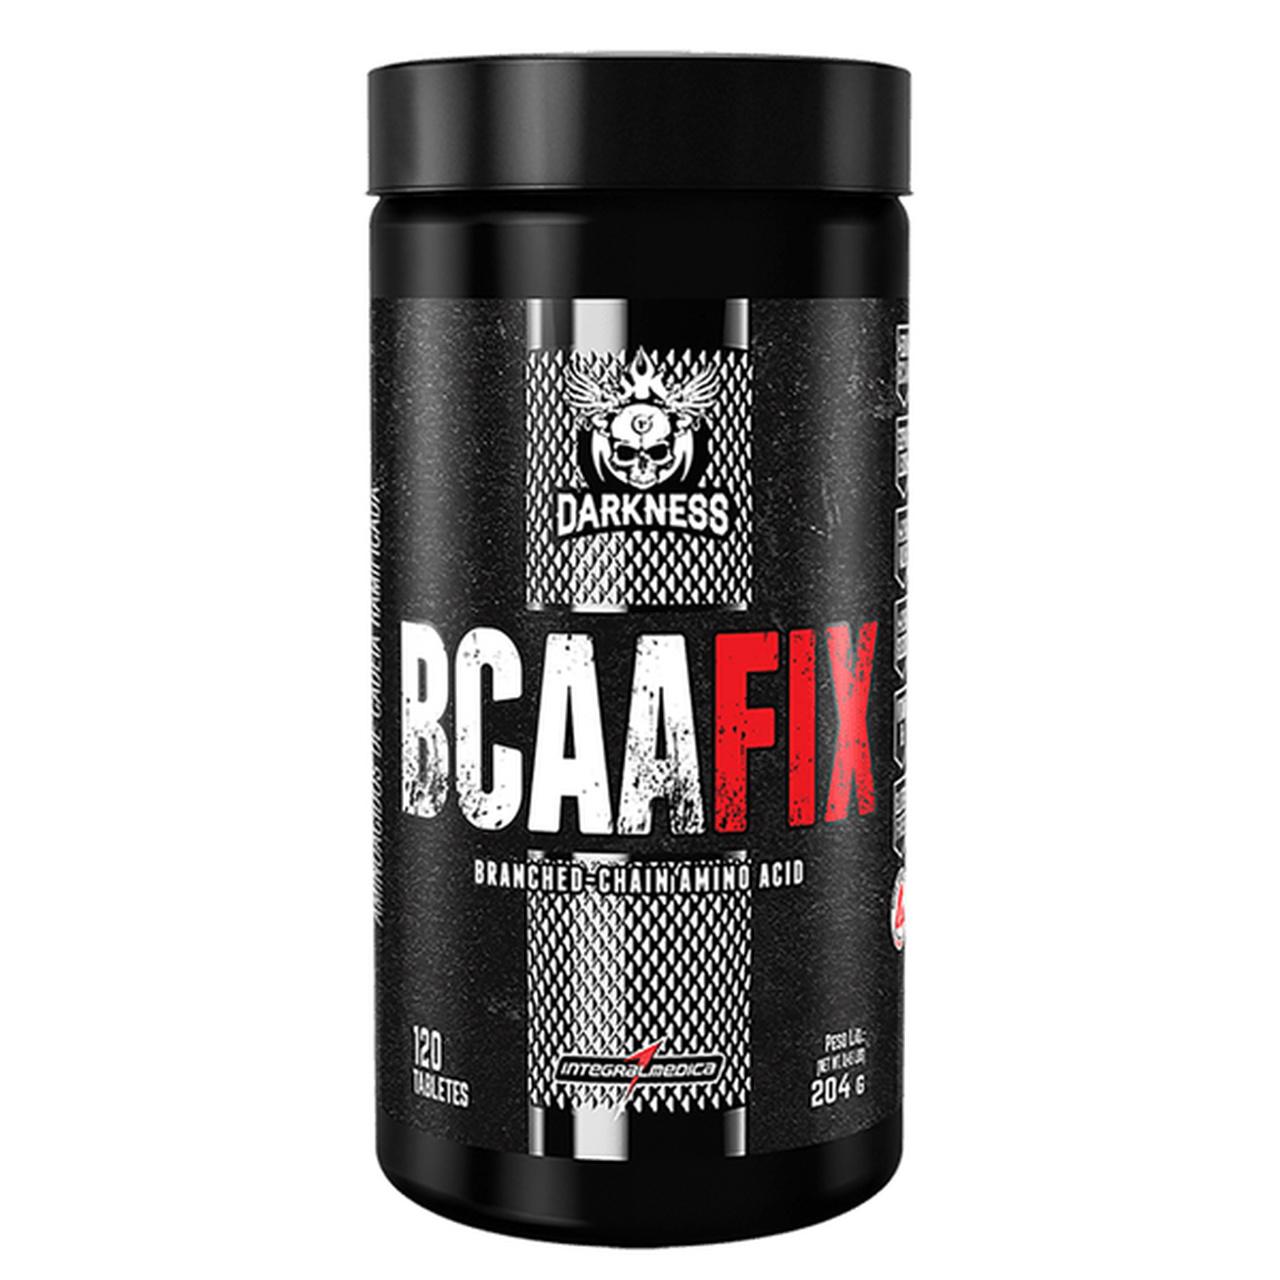 BCAA FIX - Darkness (120 Caps) - IntegralMédica